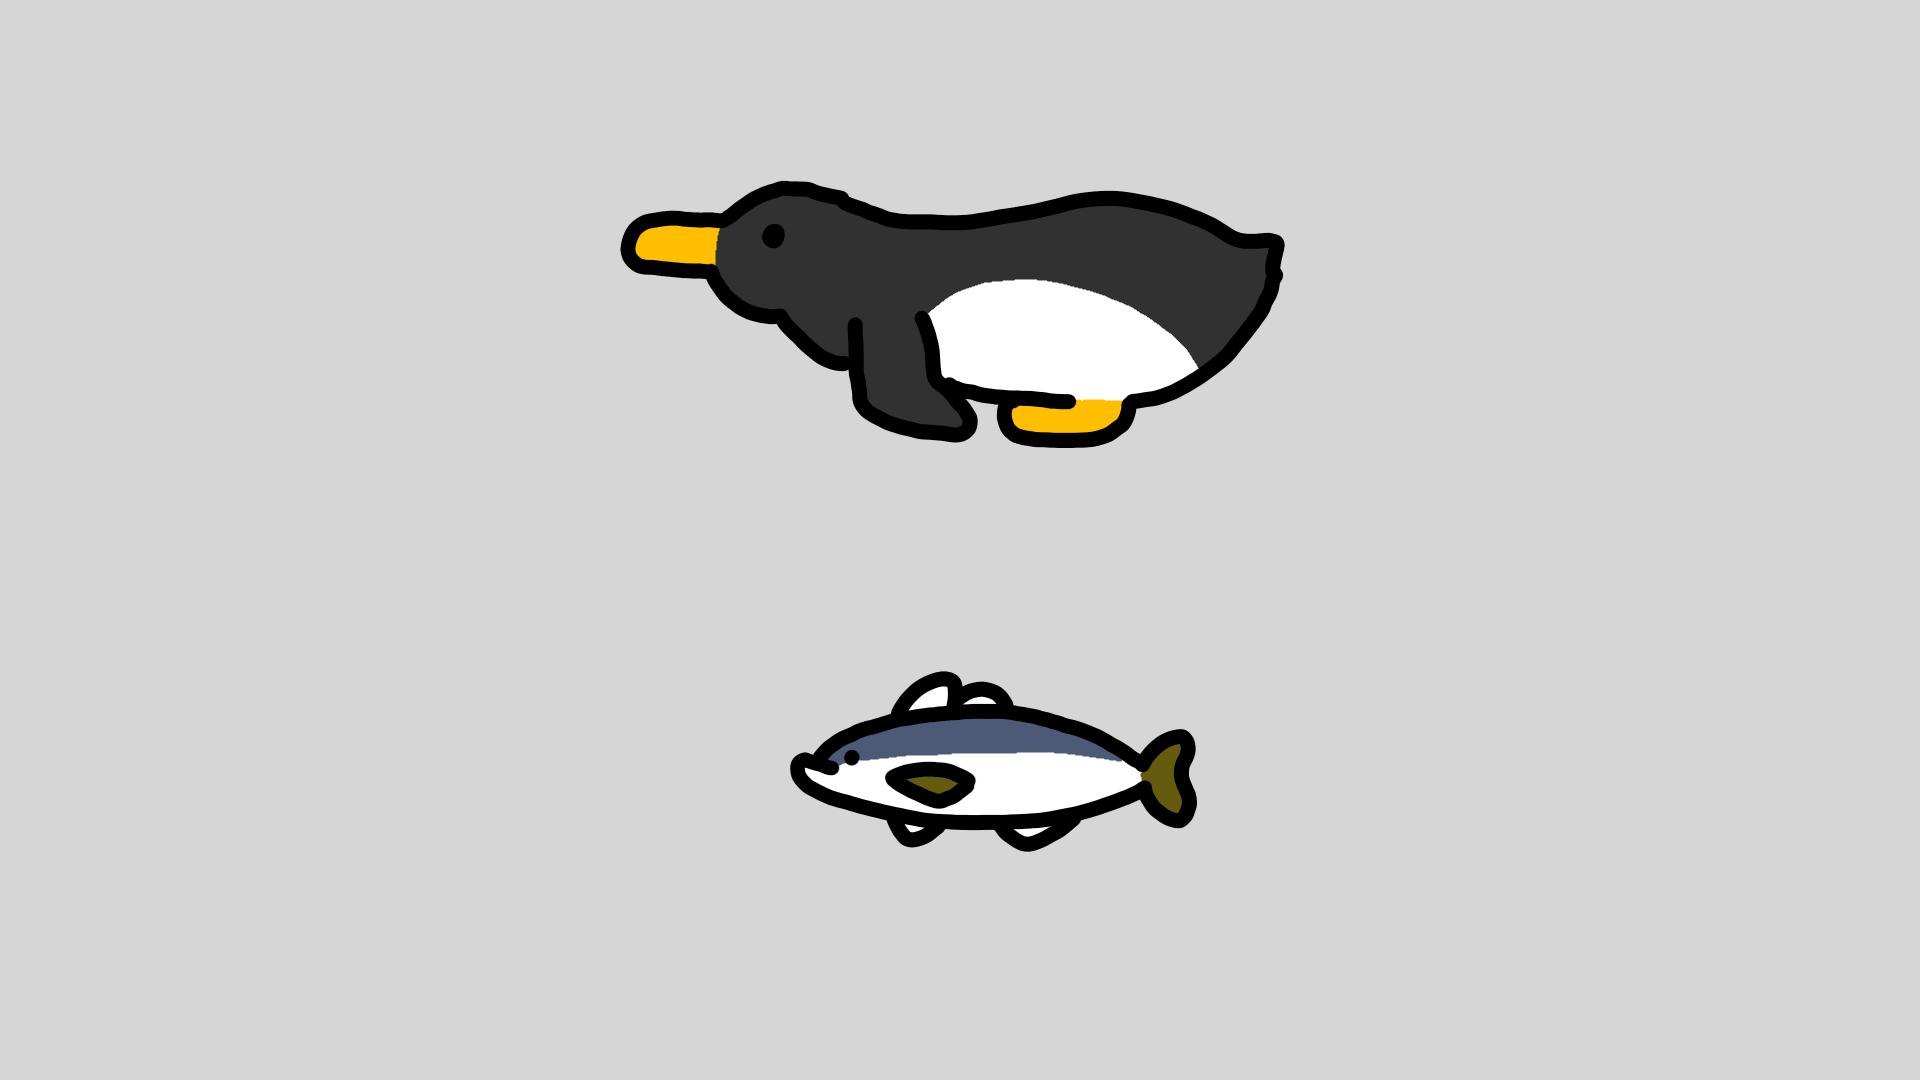 ペンギン鯵のイラスト